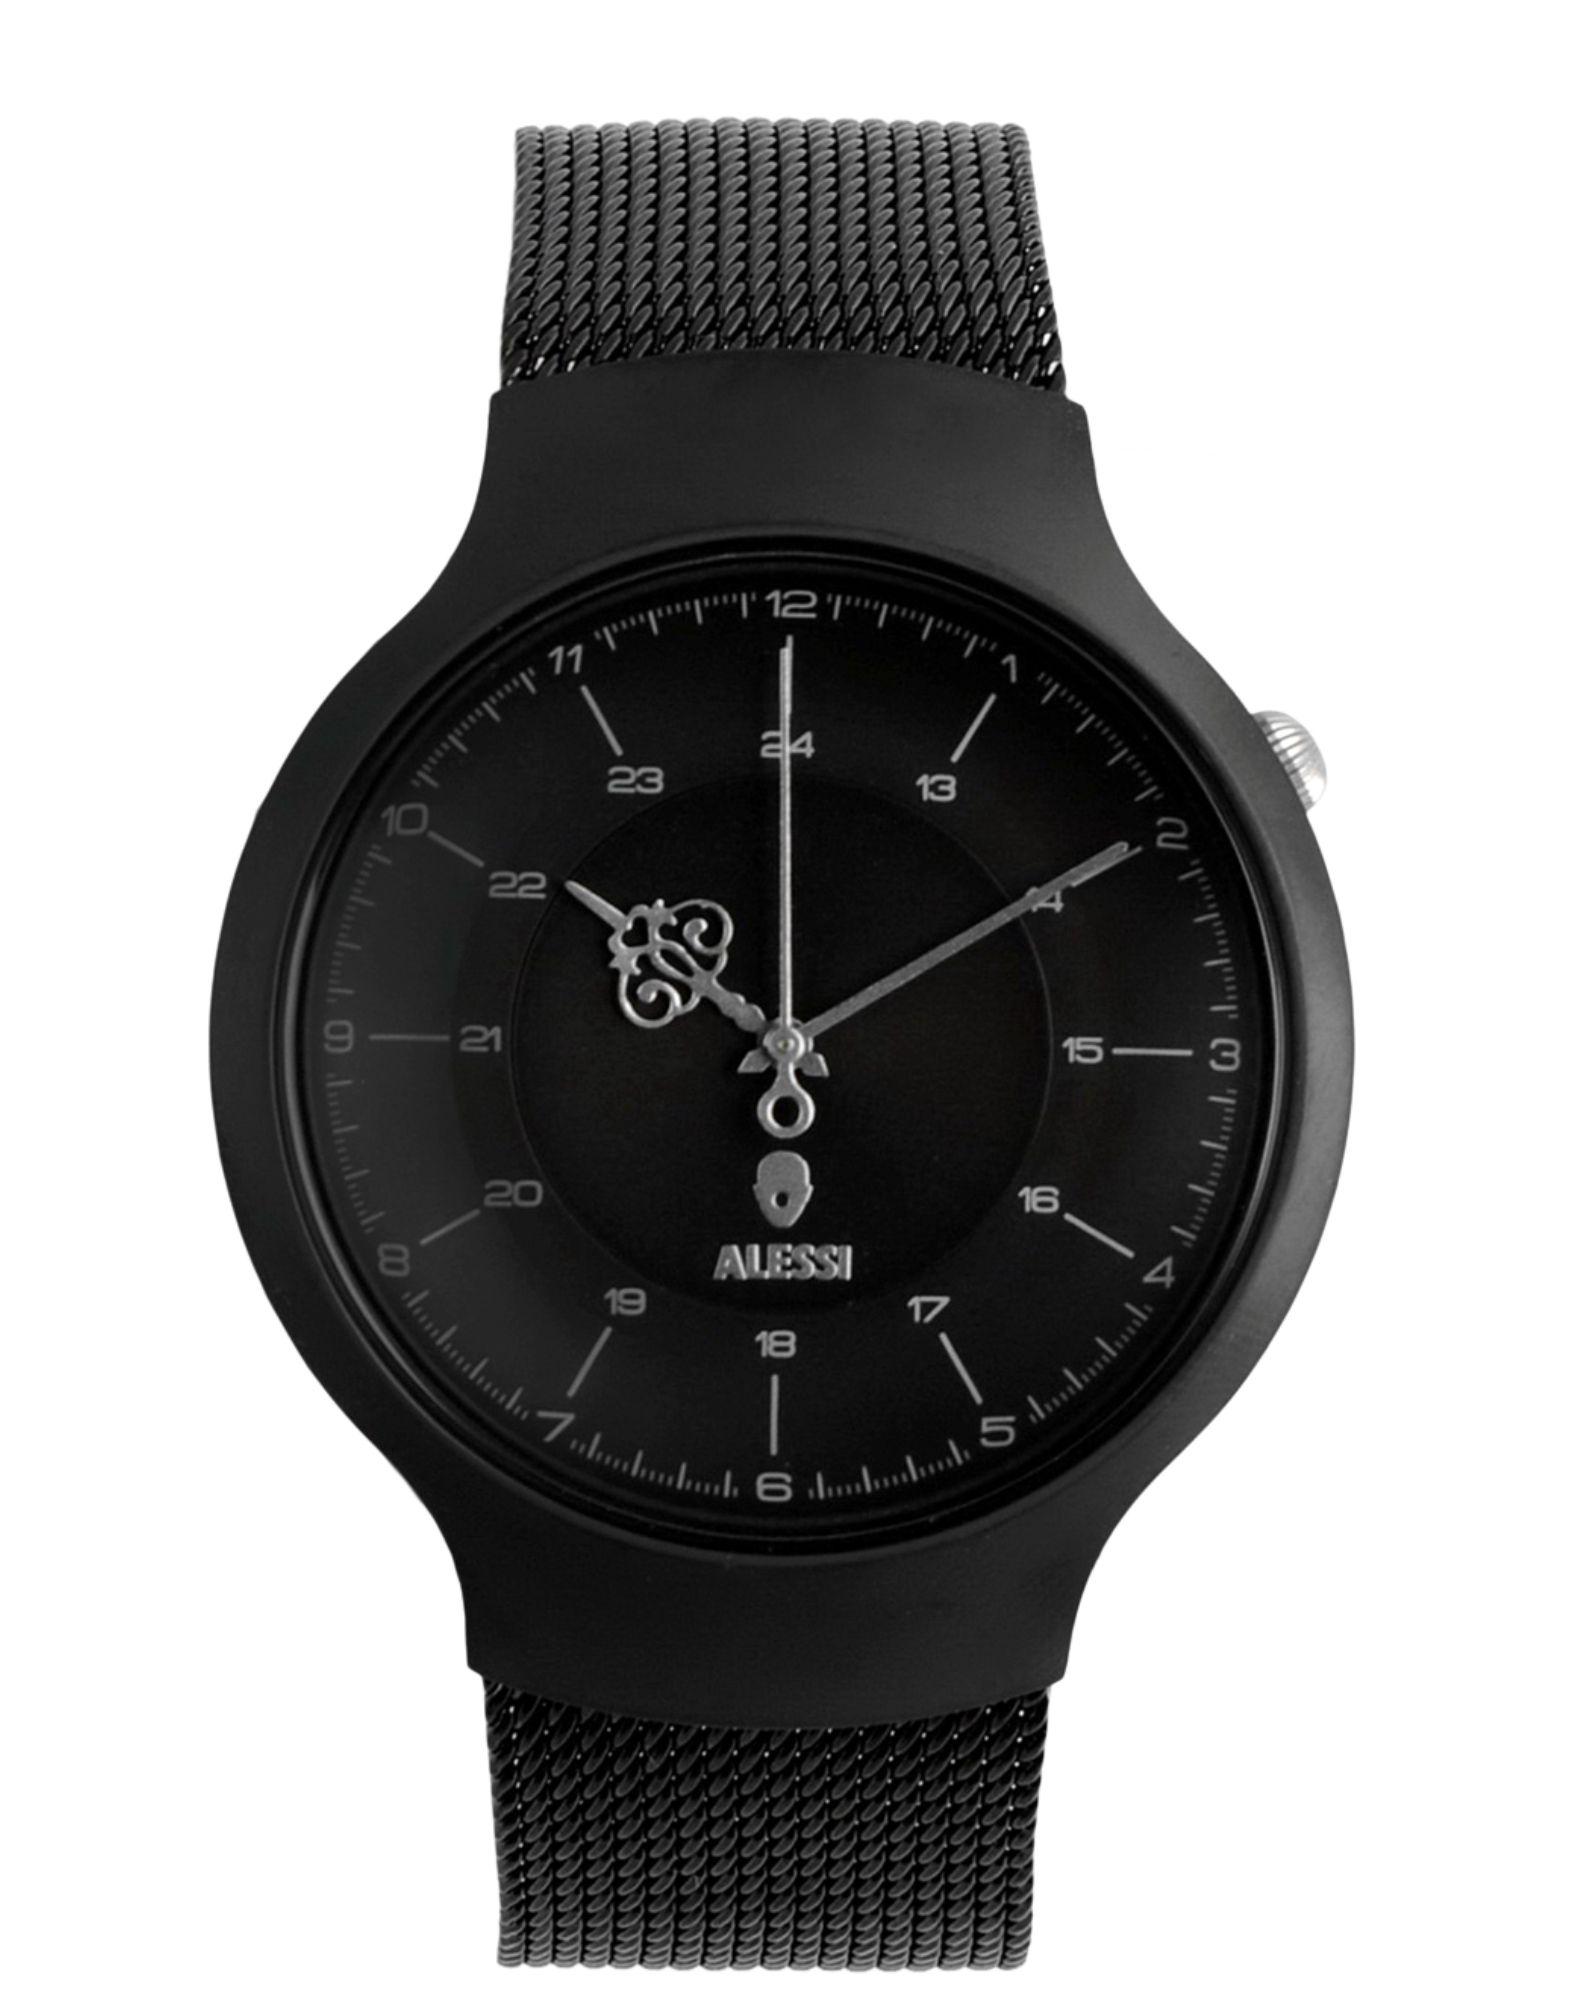 ALESSI Wrist watches